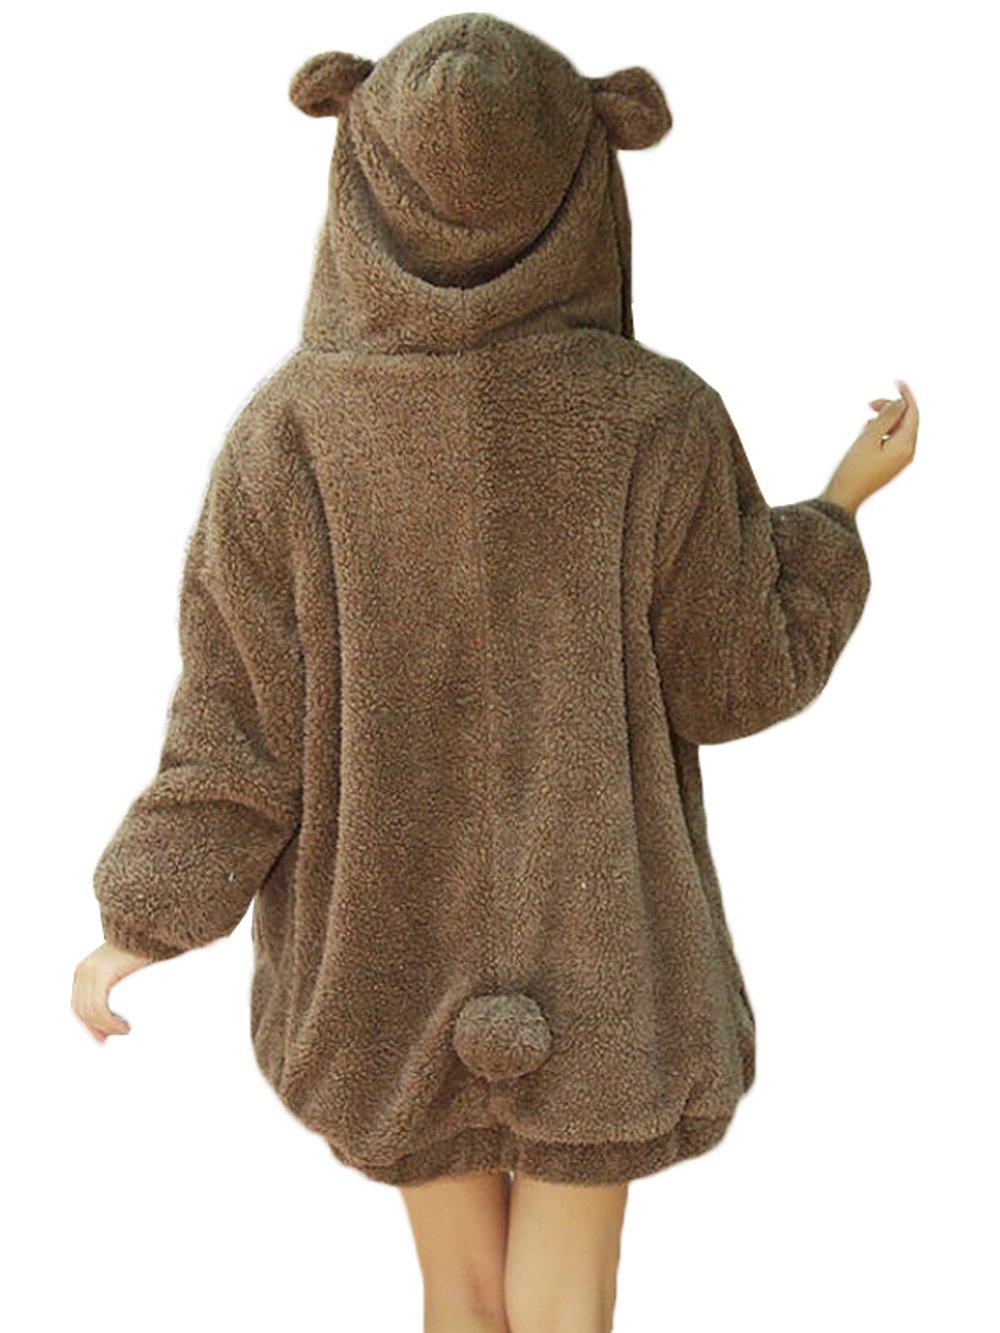 DSNOW Women Cute Bear Ear Jacket Teddy Fleece Hoodie Zip Coat Elastic Cuff Outwear